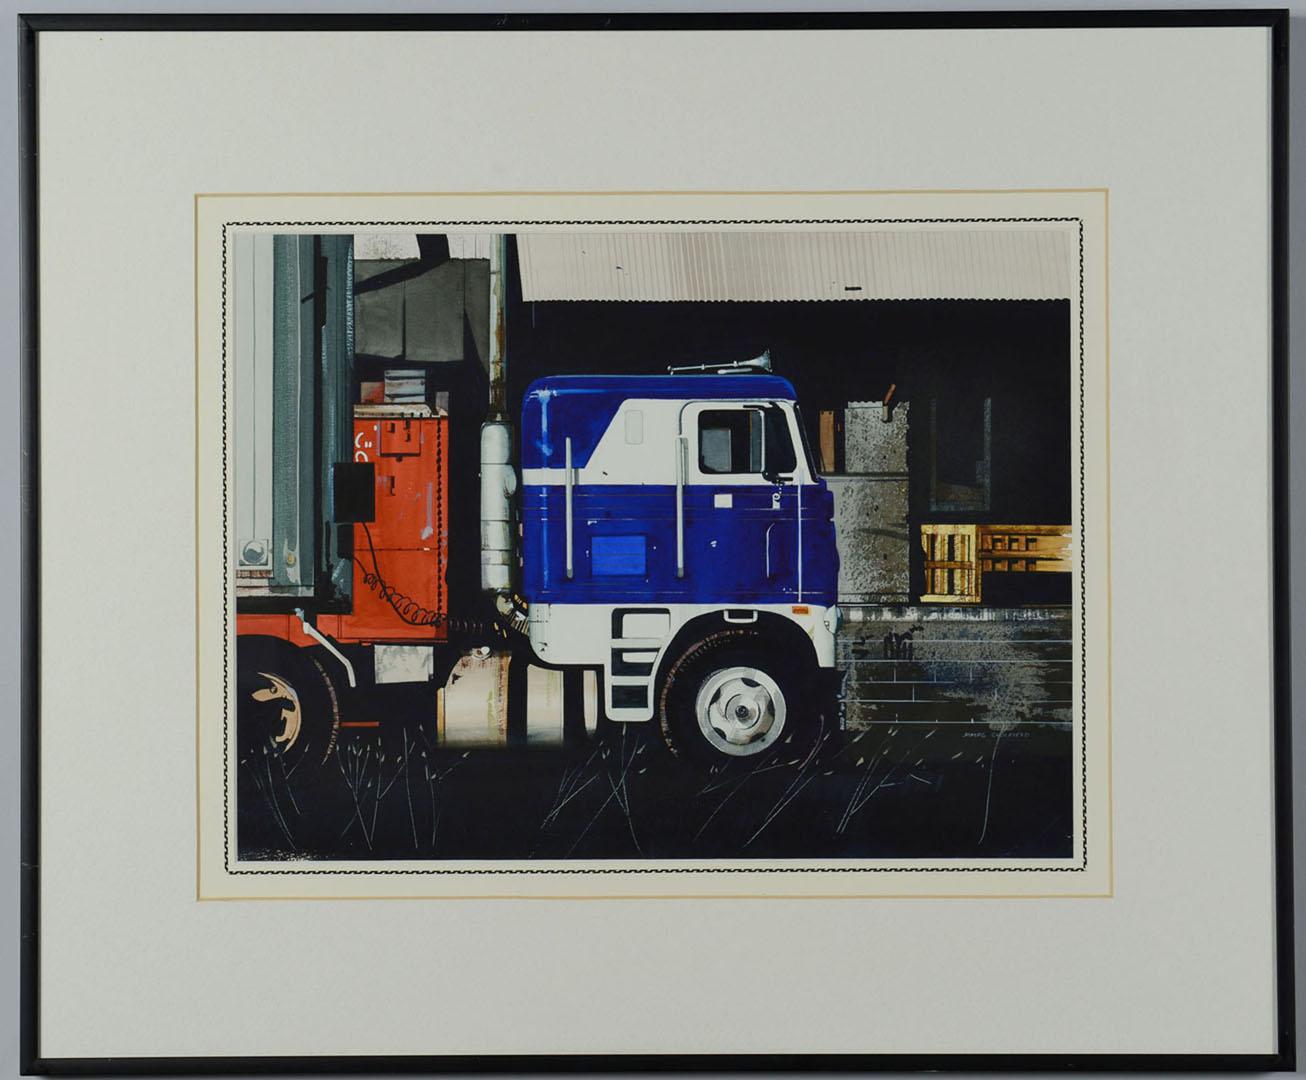 Lot 2872259: 1 James Caulfield watercolor painting – semi truck